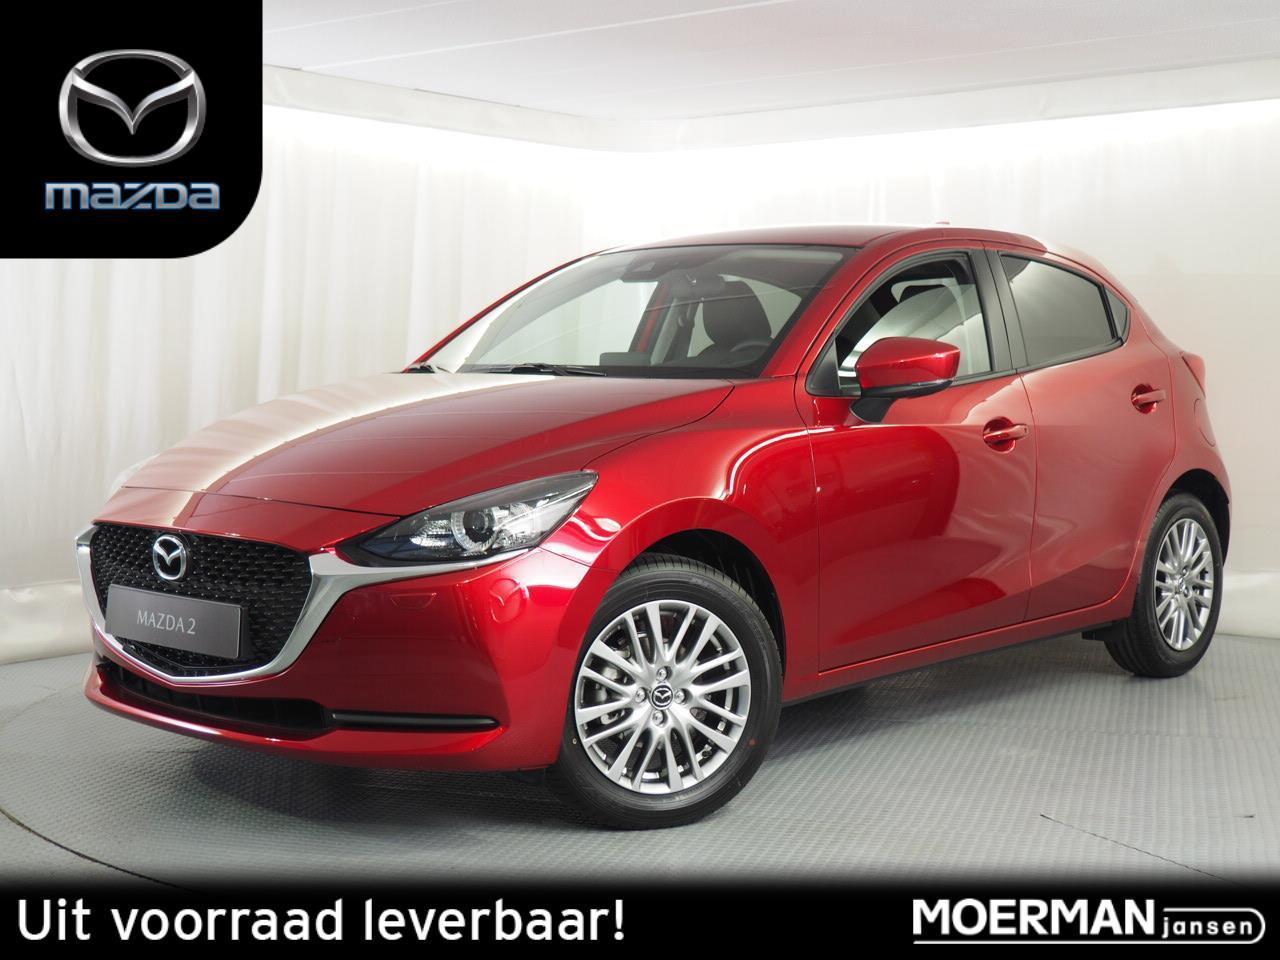 Mazda 2 1.5 skyactiv-g style selected / actiemodel / achteruitrijcamera / apple carplay / uit voorraad leverbaar